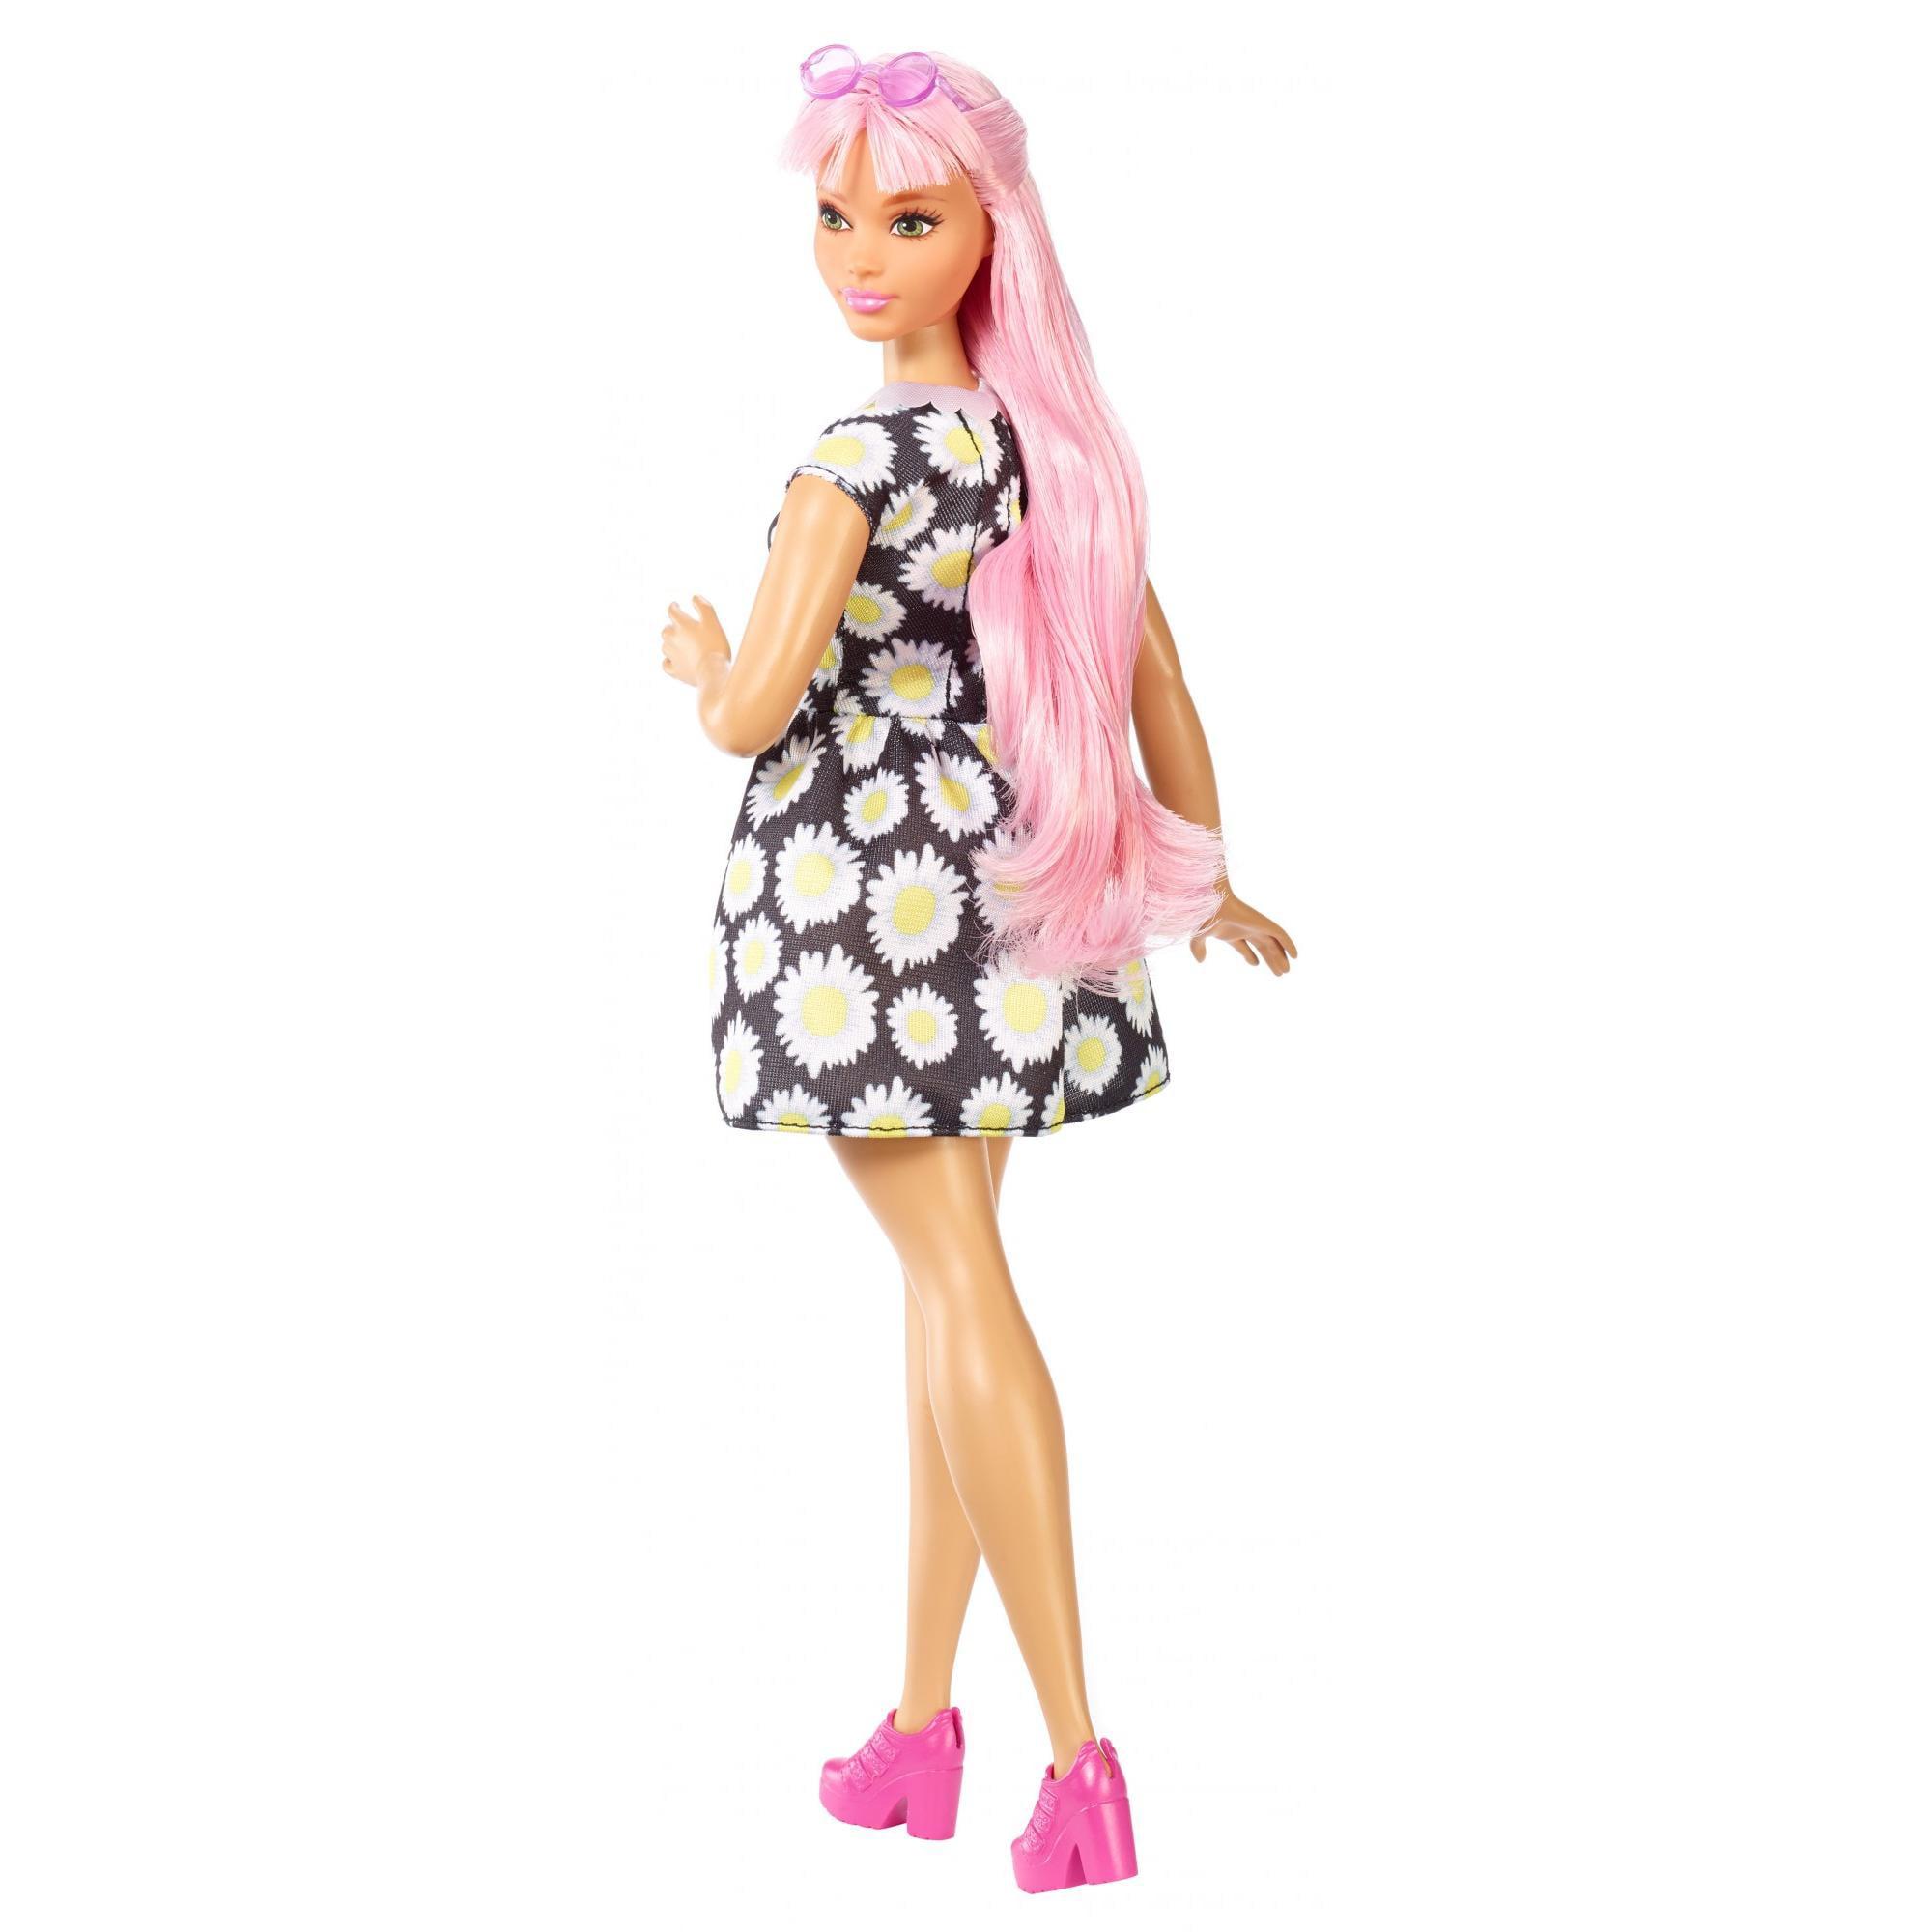 Barbie Fashionistas Doll Daisy Pop, Curvy Body, Pink Hair - Walmart.com